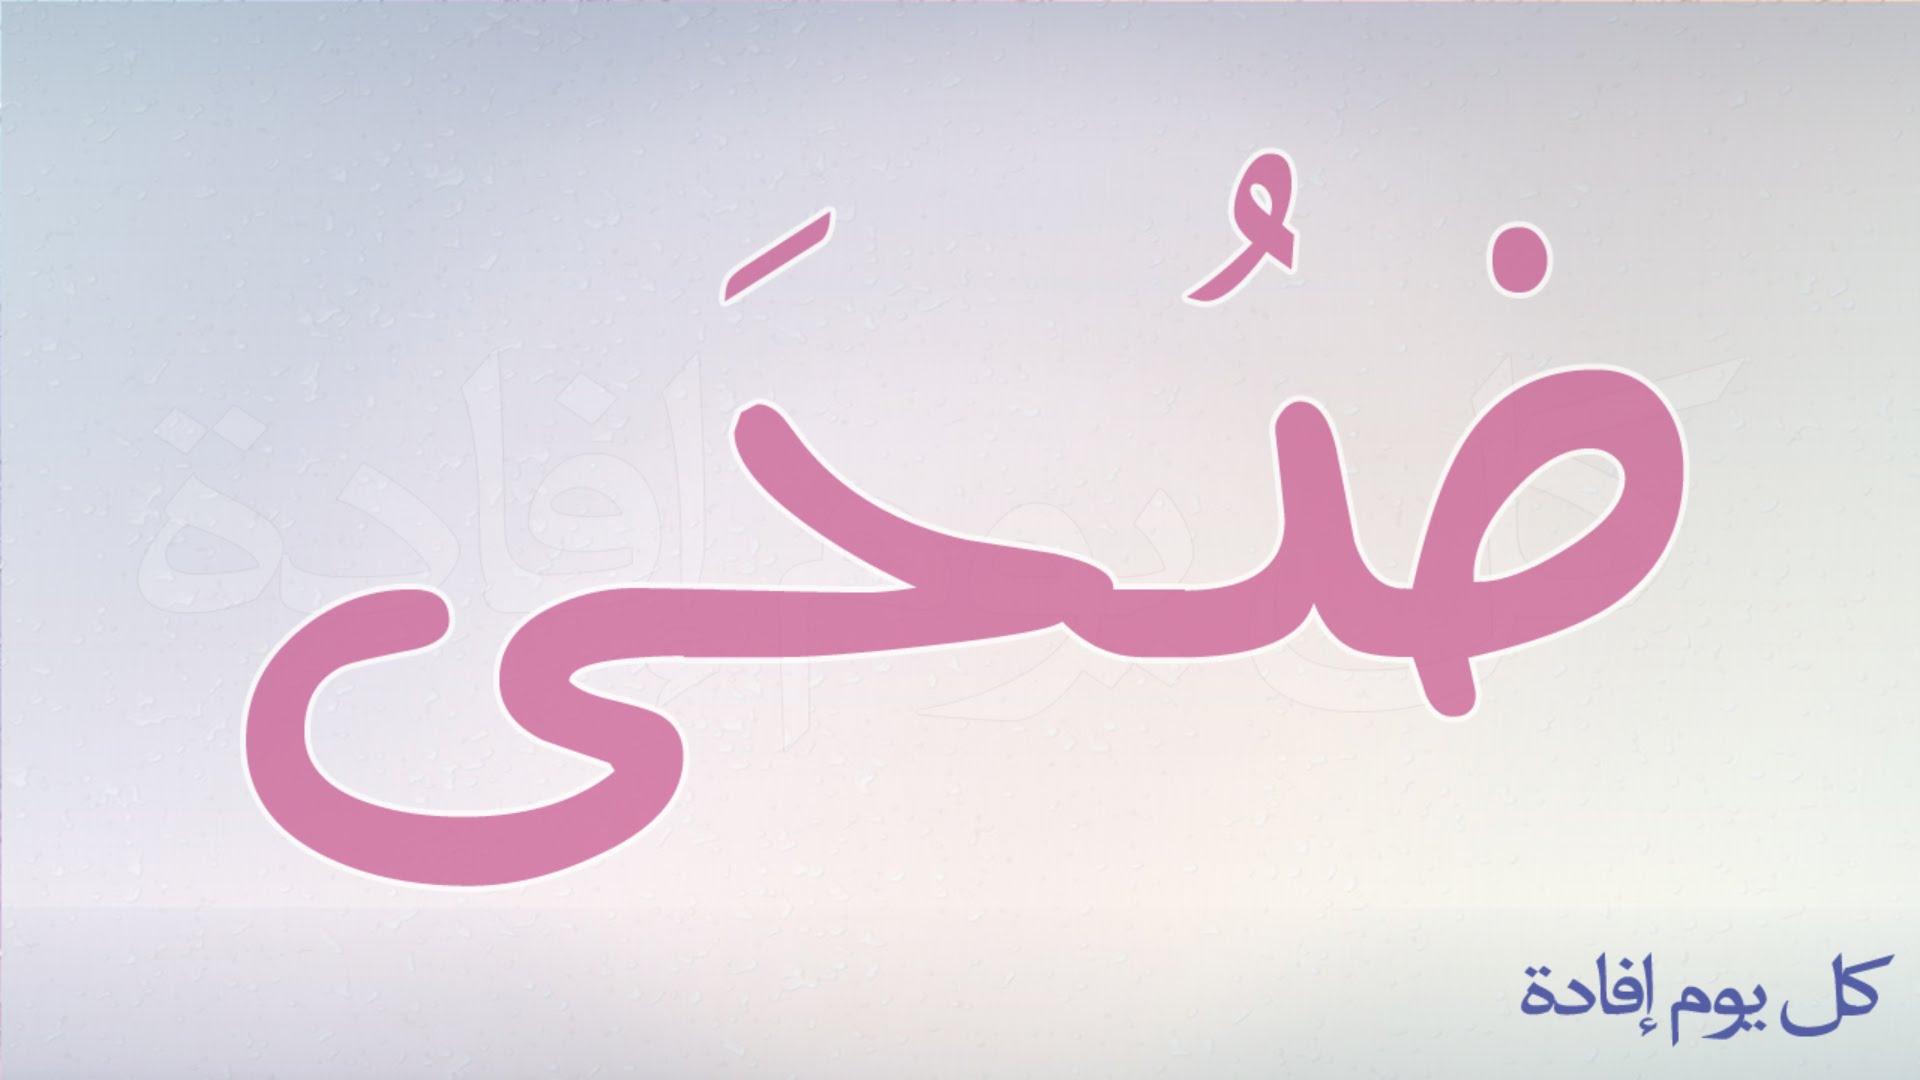 بالصور اسماء بنات جديده وحلوه وخفيفه , صور باسماء بنات راقيه 2130 8